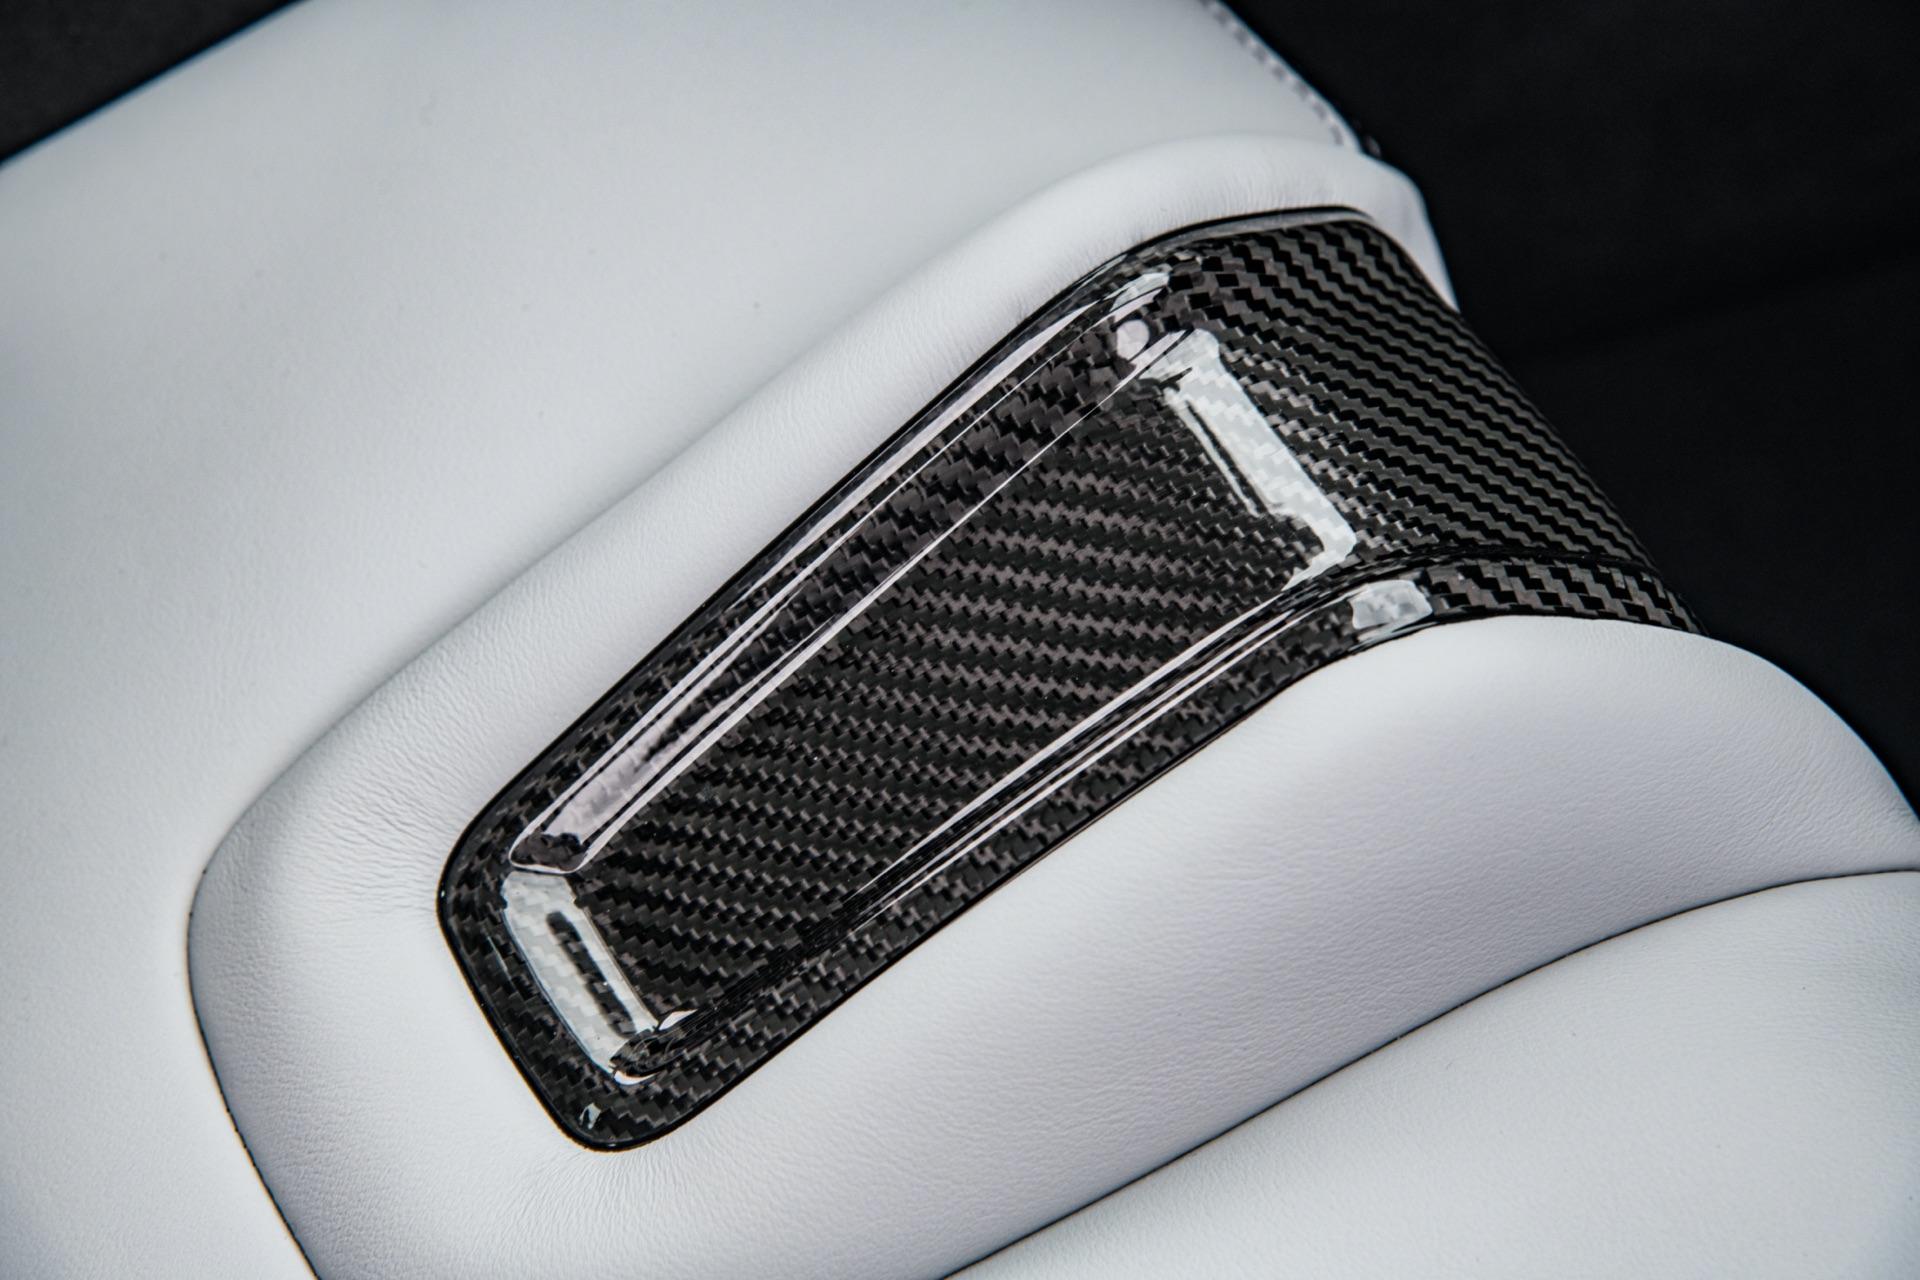 2022 BMW G80 M3 carbon